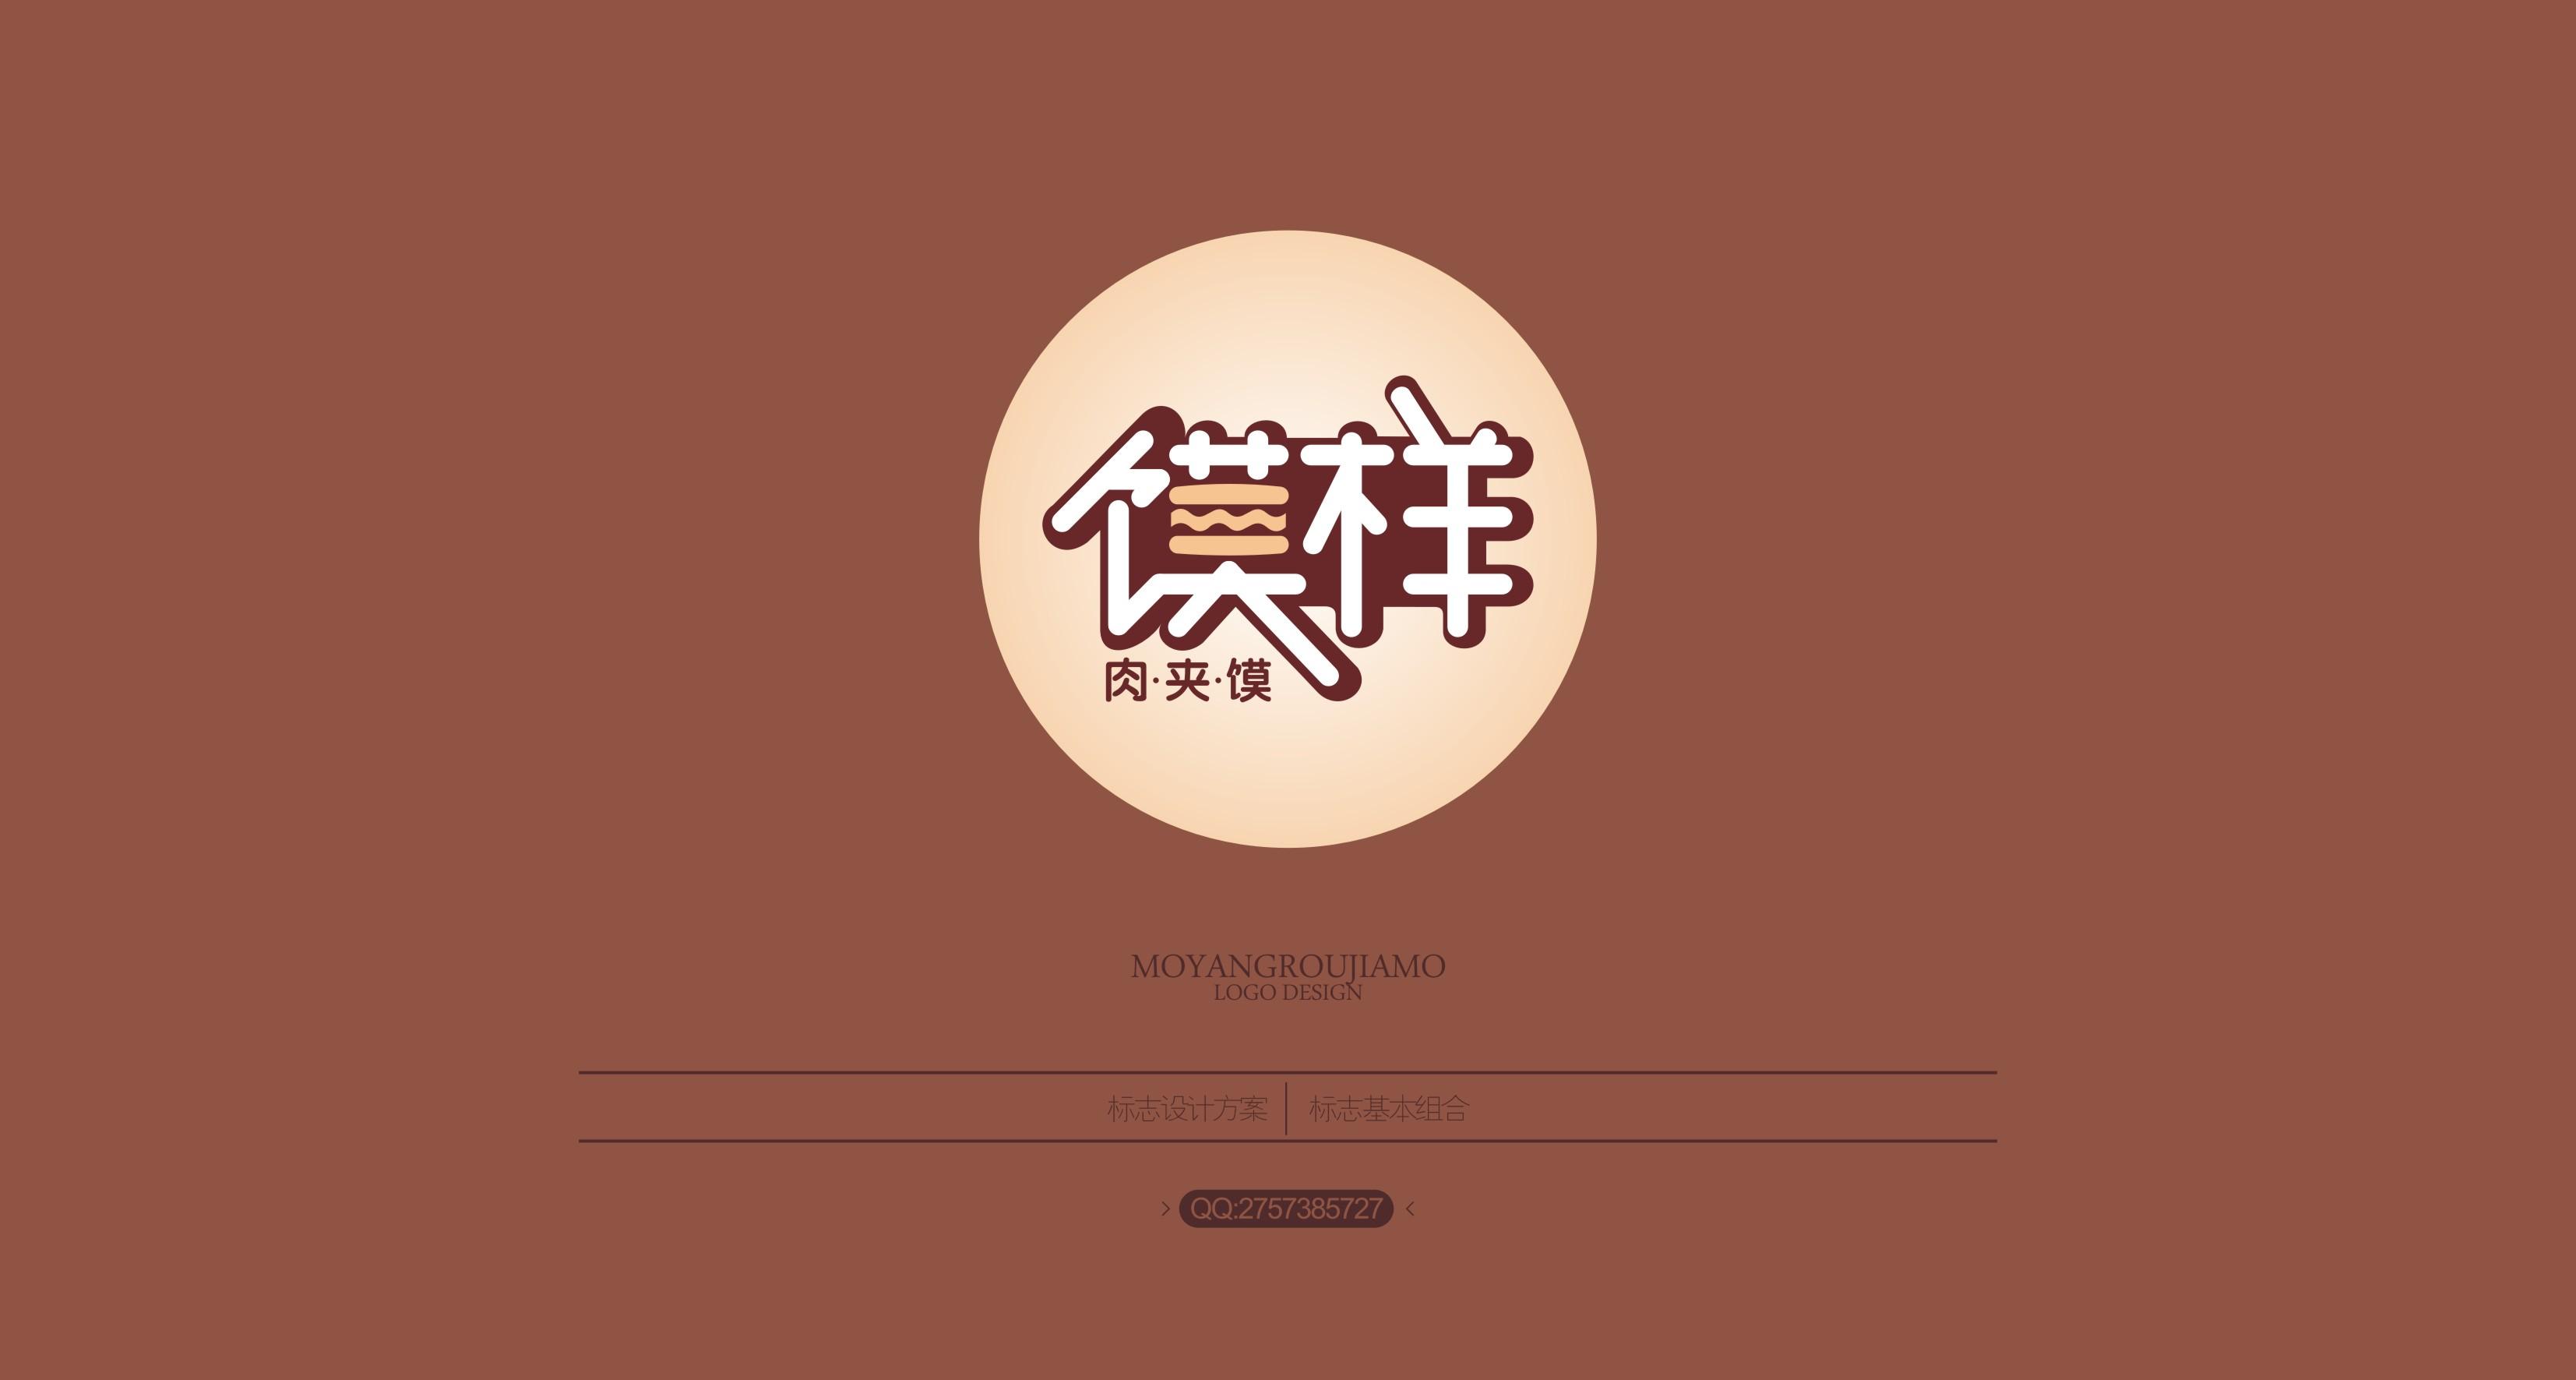 馍样肉夹馍logo设计方案图片